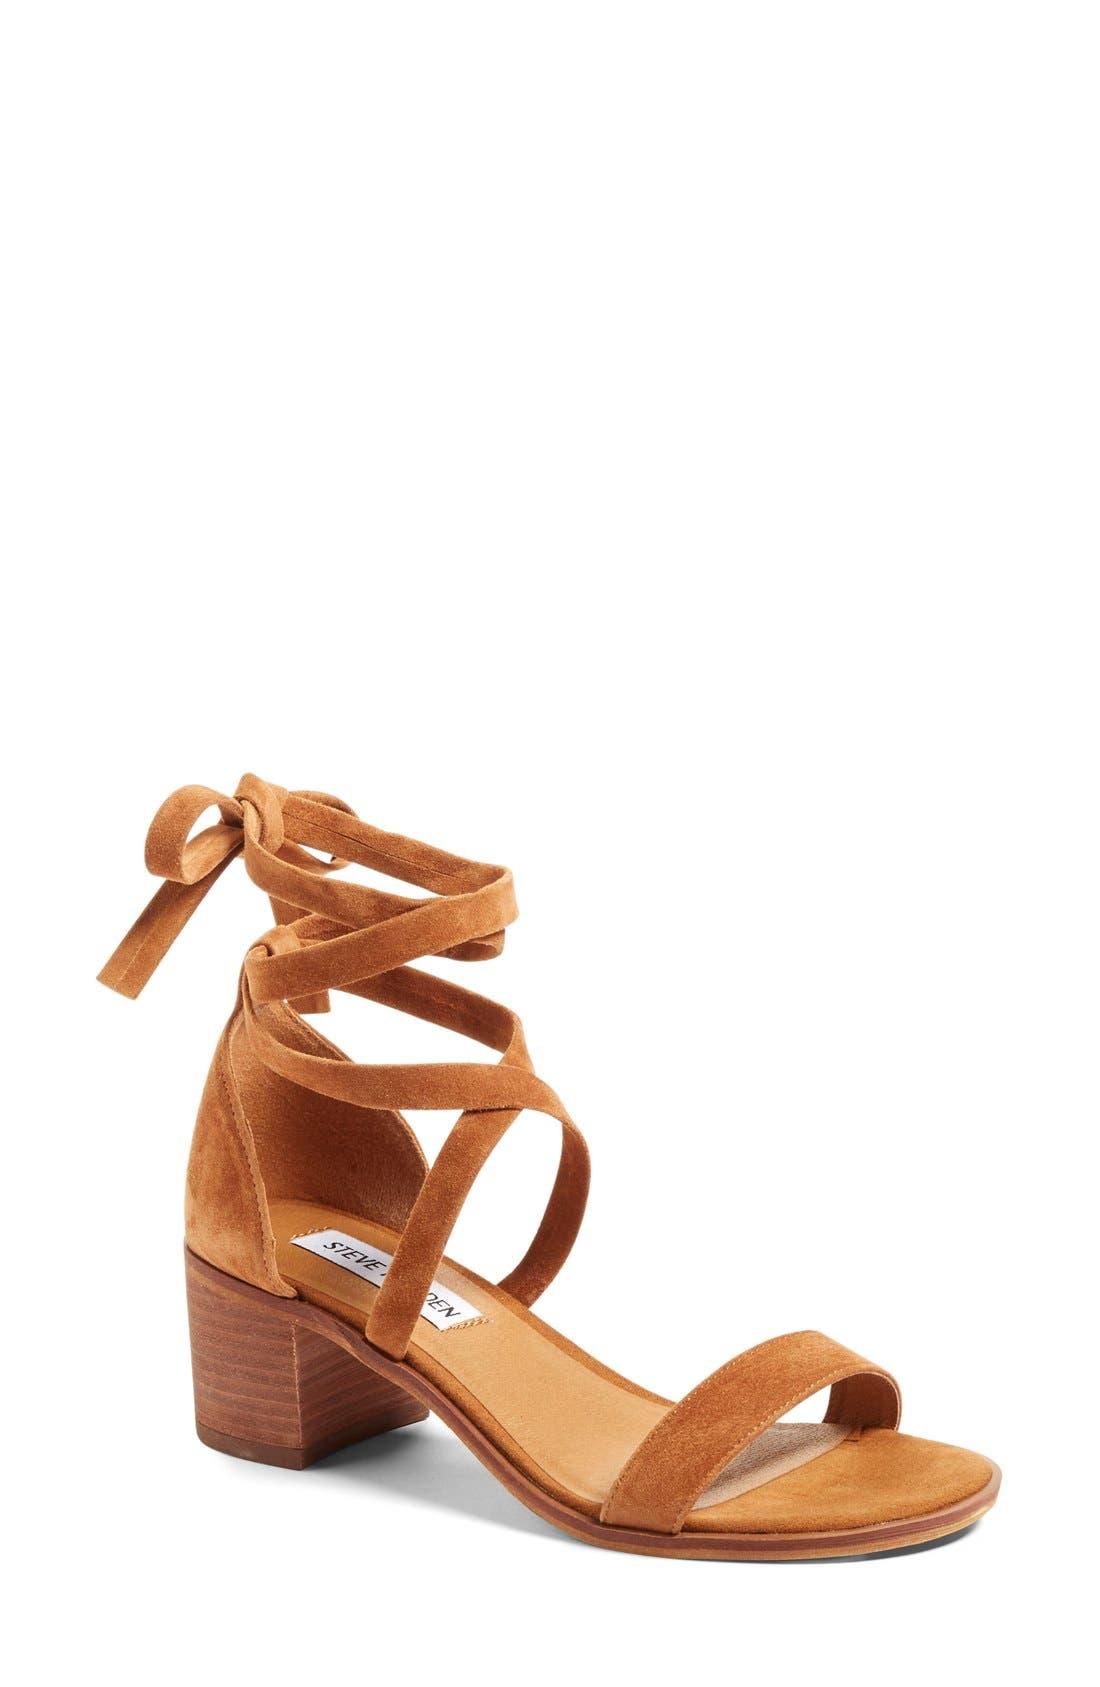 Alternate Image 1 Selected - Steve Madden 'Rizzaa' Ankle Strap Sandal (Women)